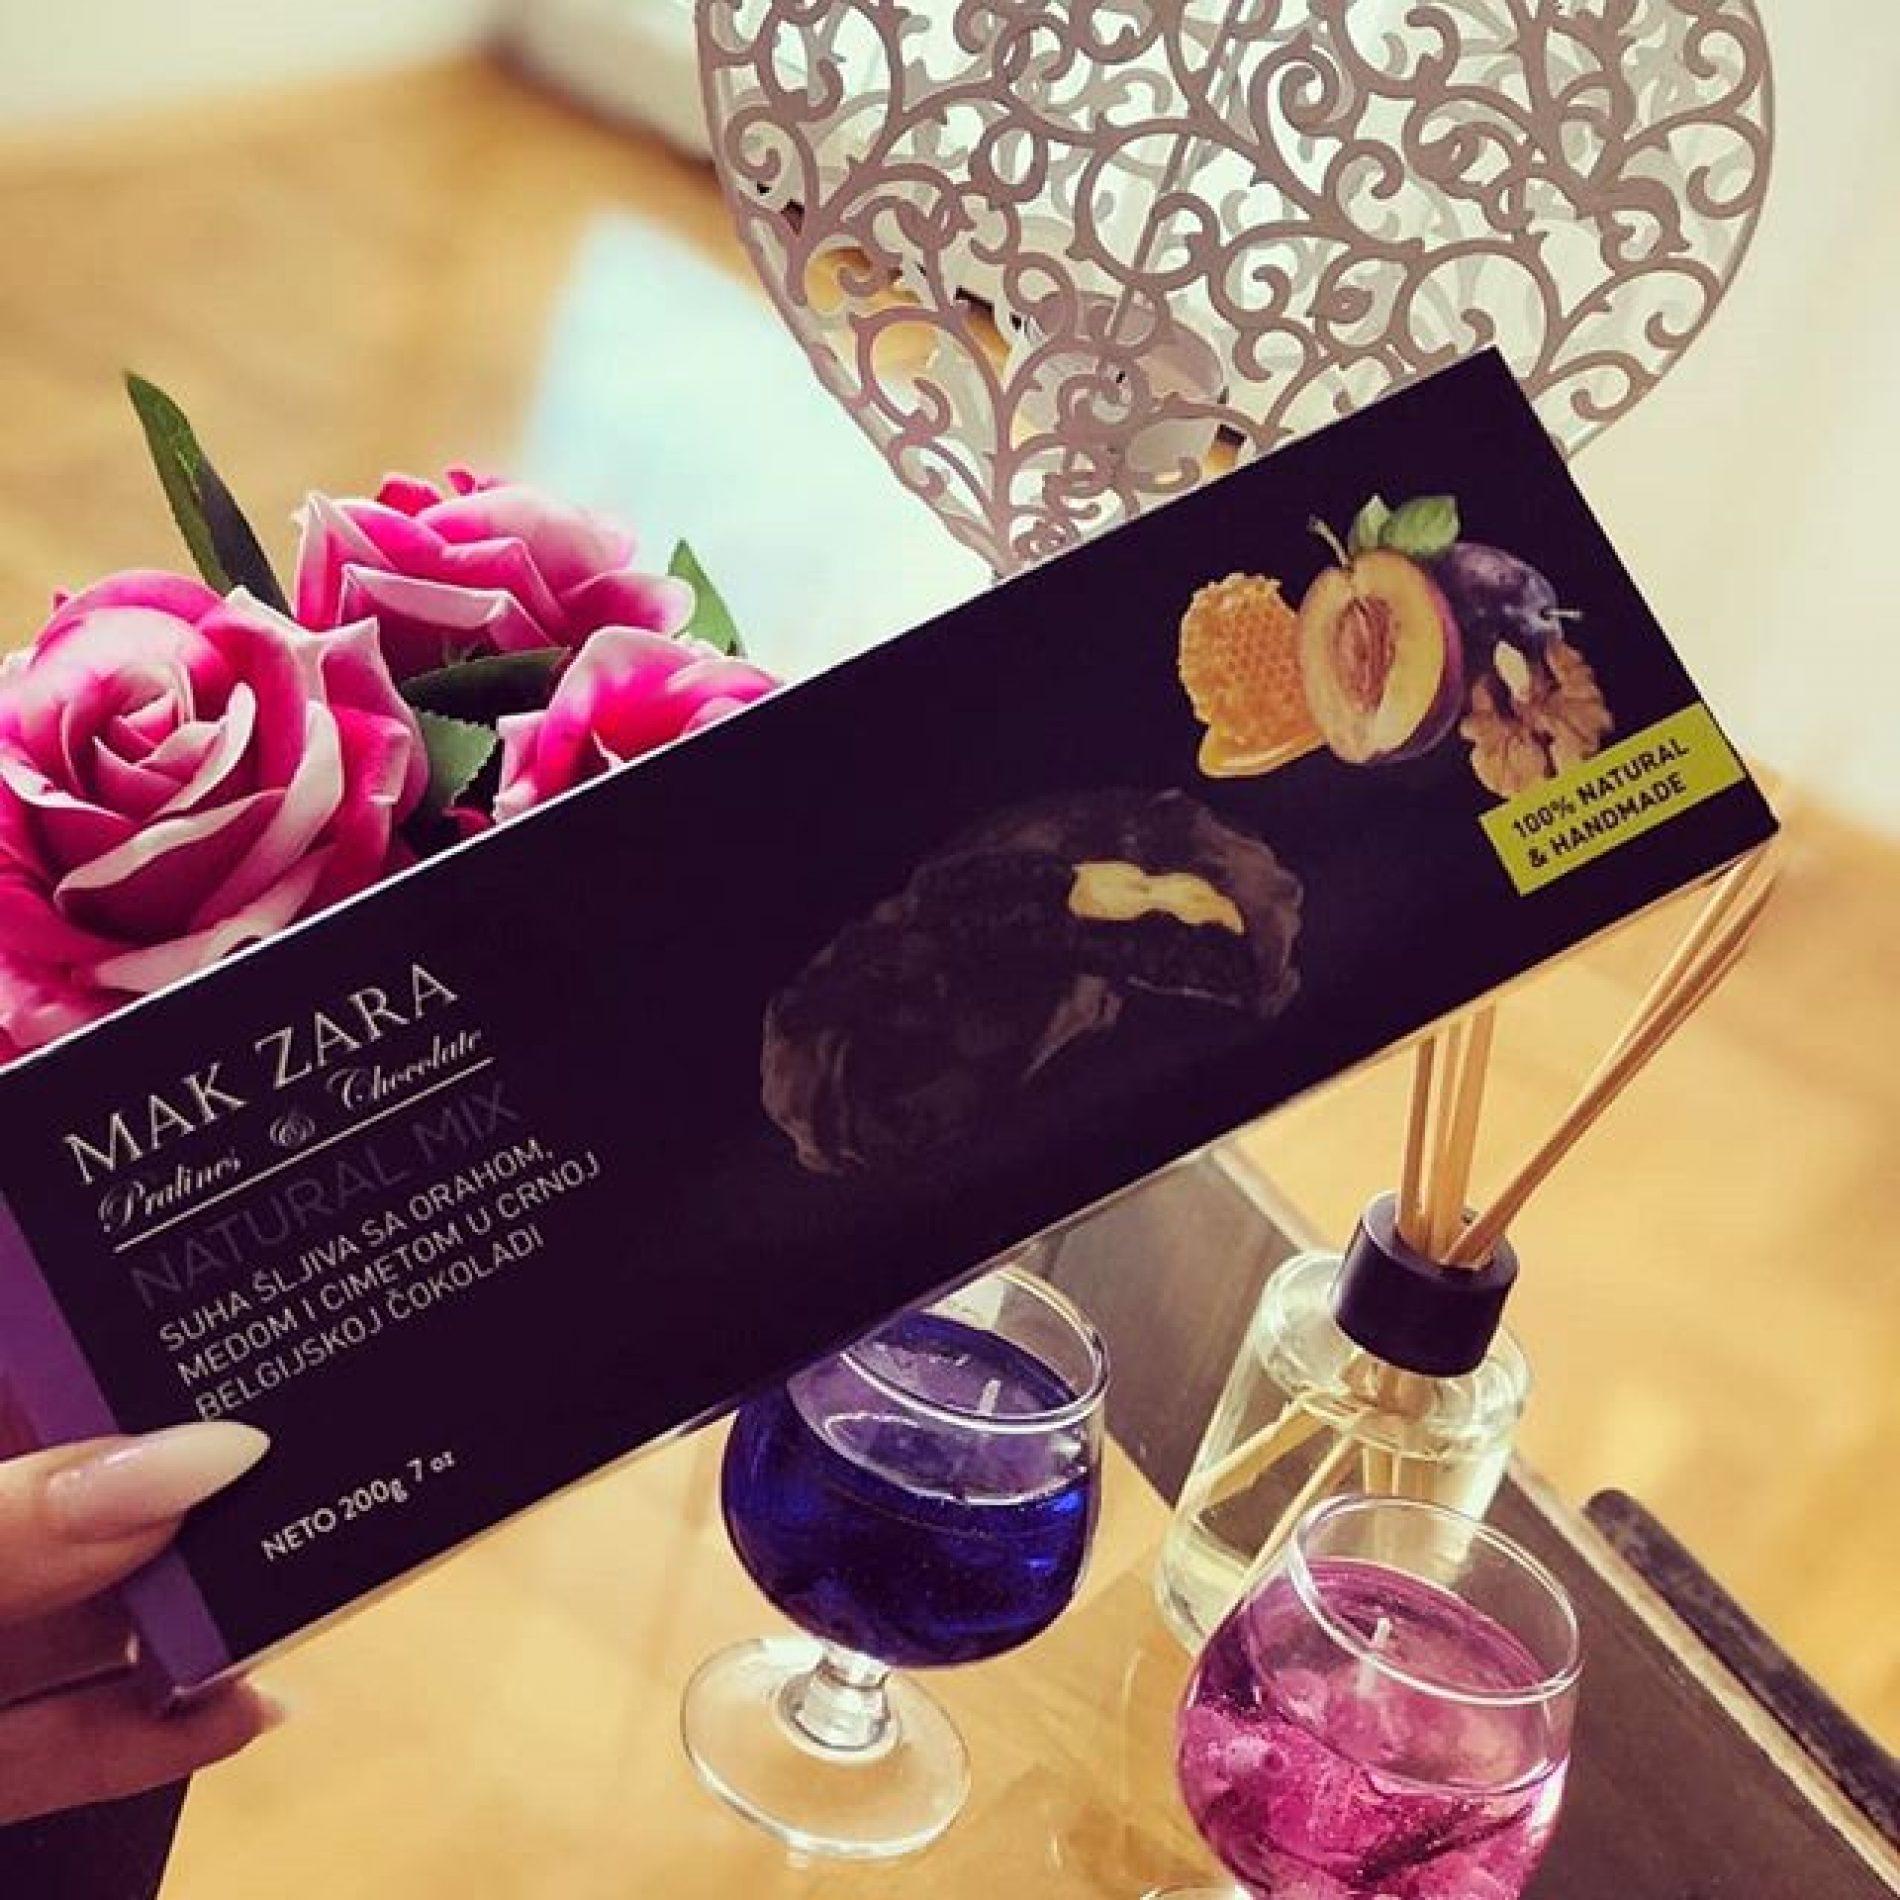 Proizvodi 'Mak Zara' u Emiratima; uskoro i na tržištu EU